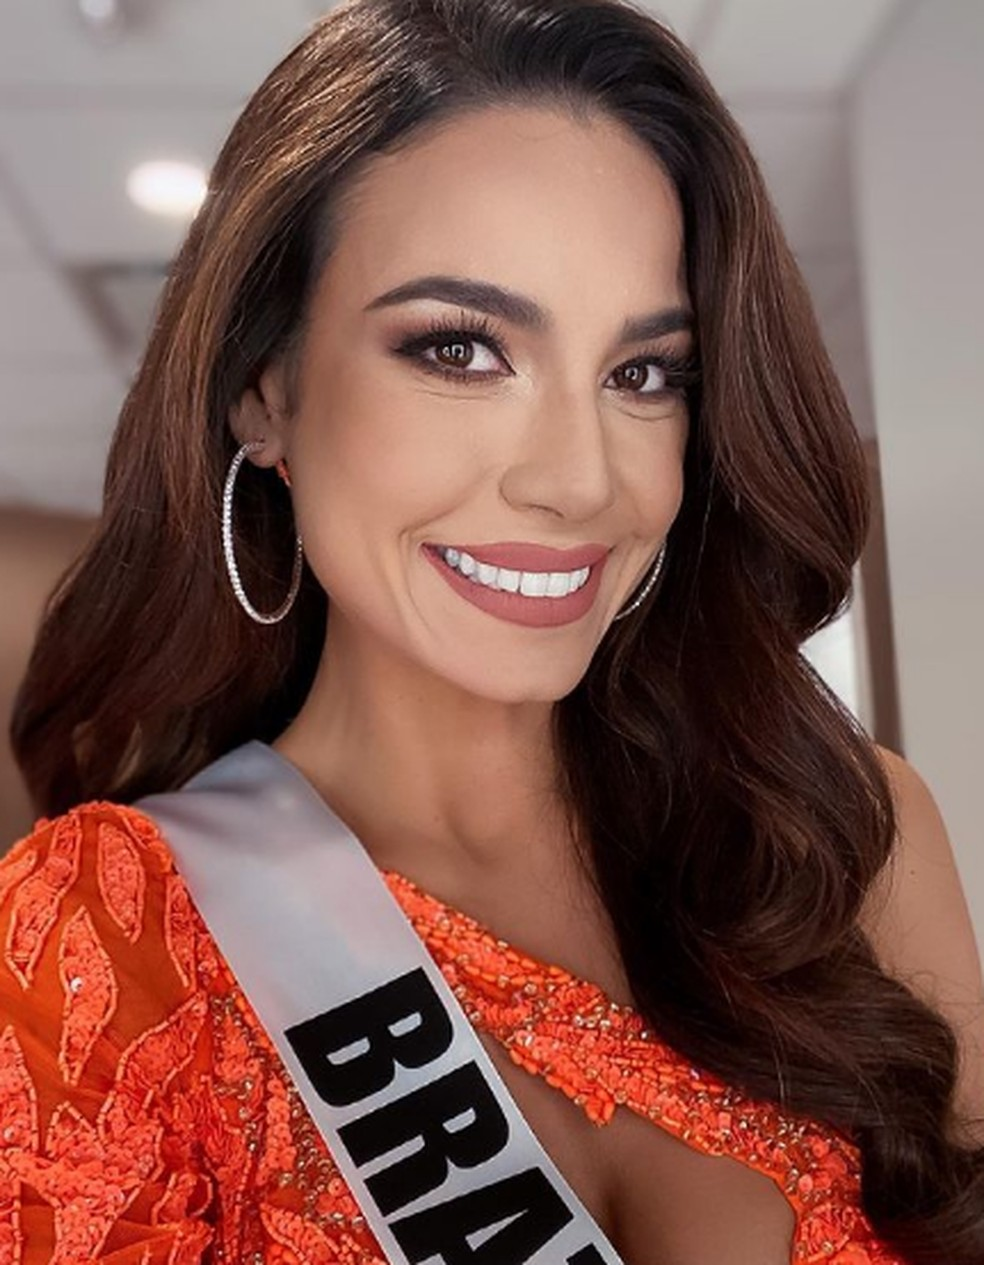 Julia Gama, segunda colocada no Miss Universo — Foto: Reprodução Instagram/juliawgama